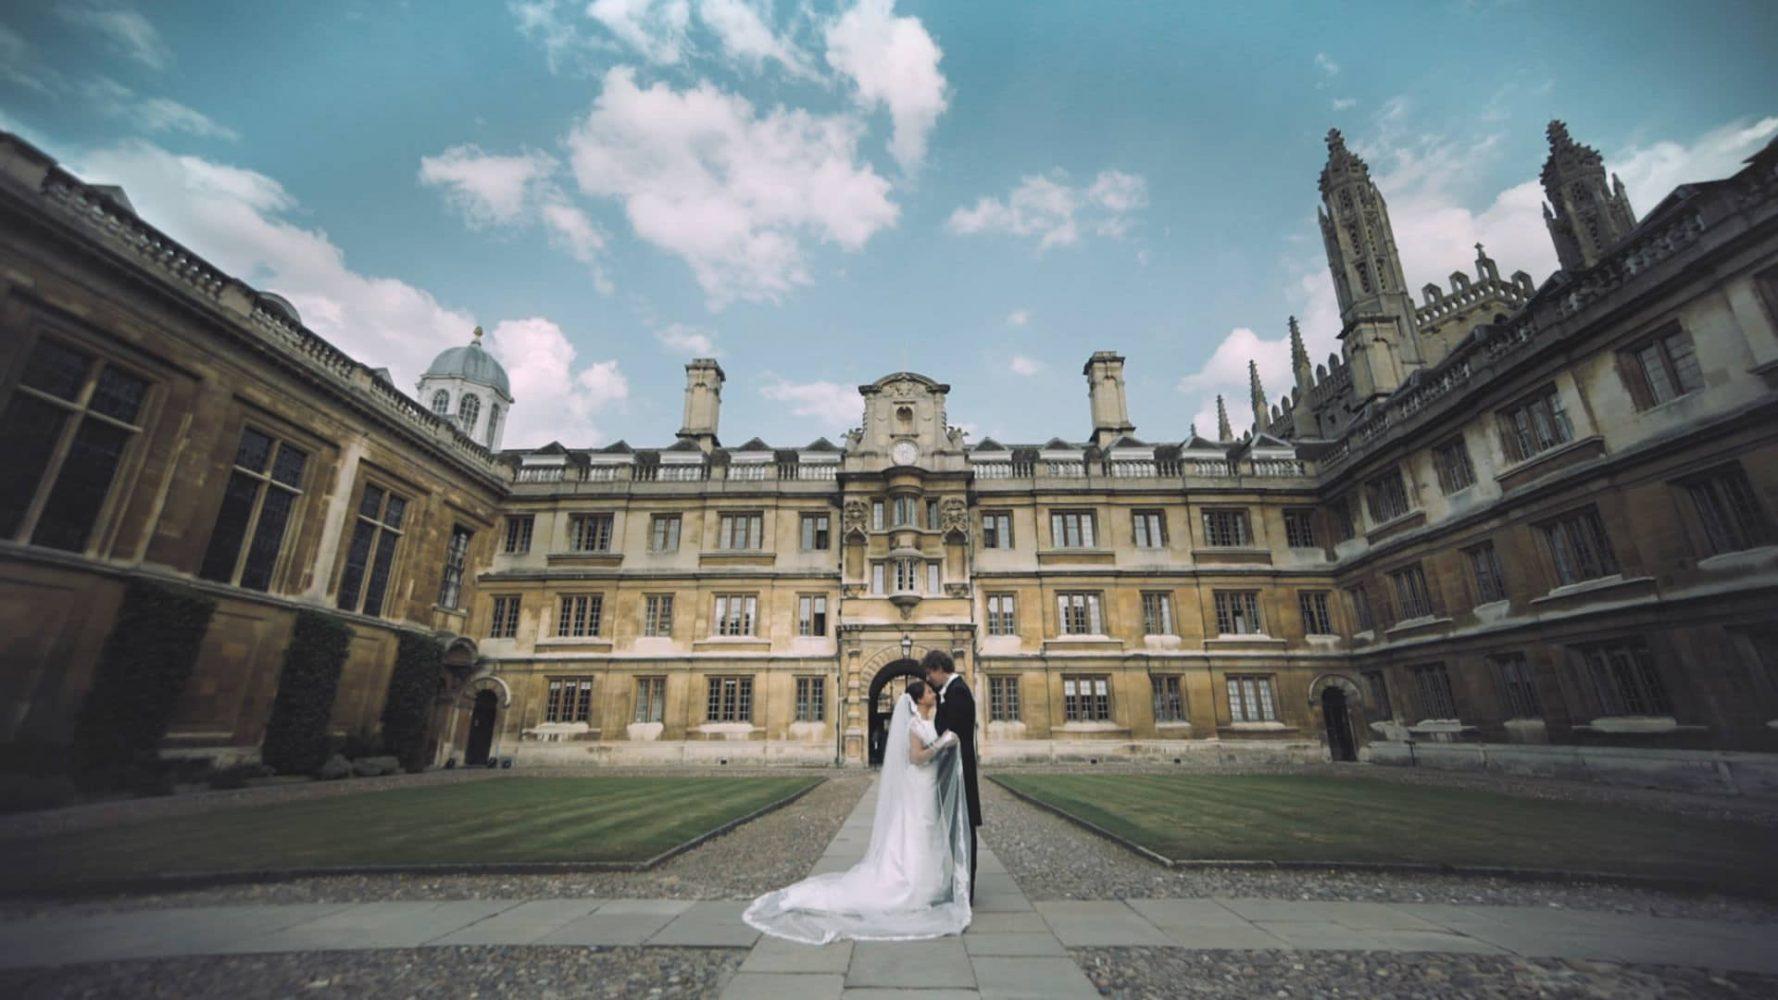 Clare College Cambridge Wedding